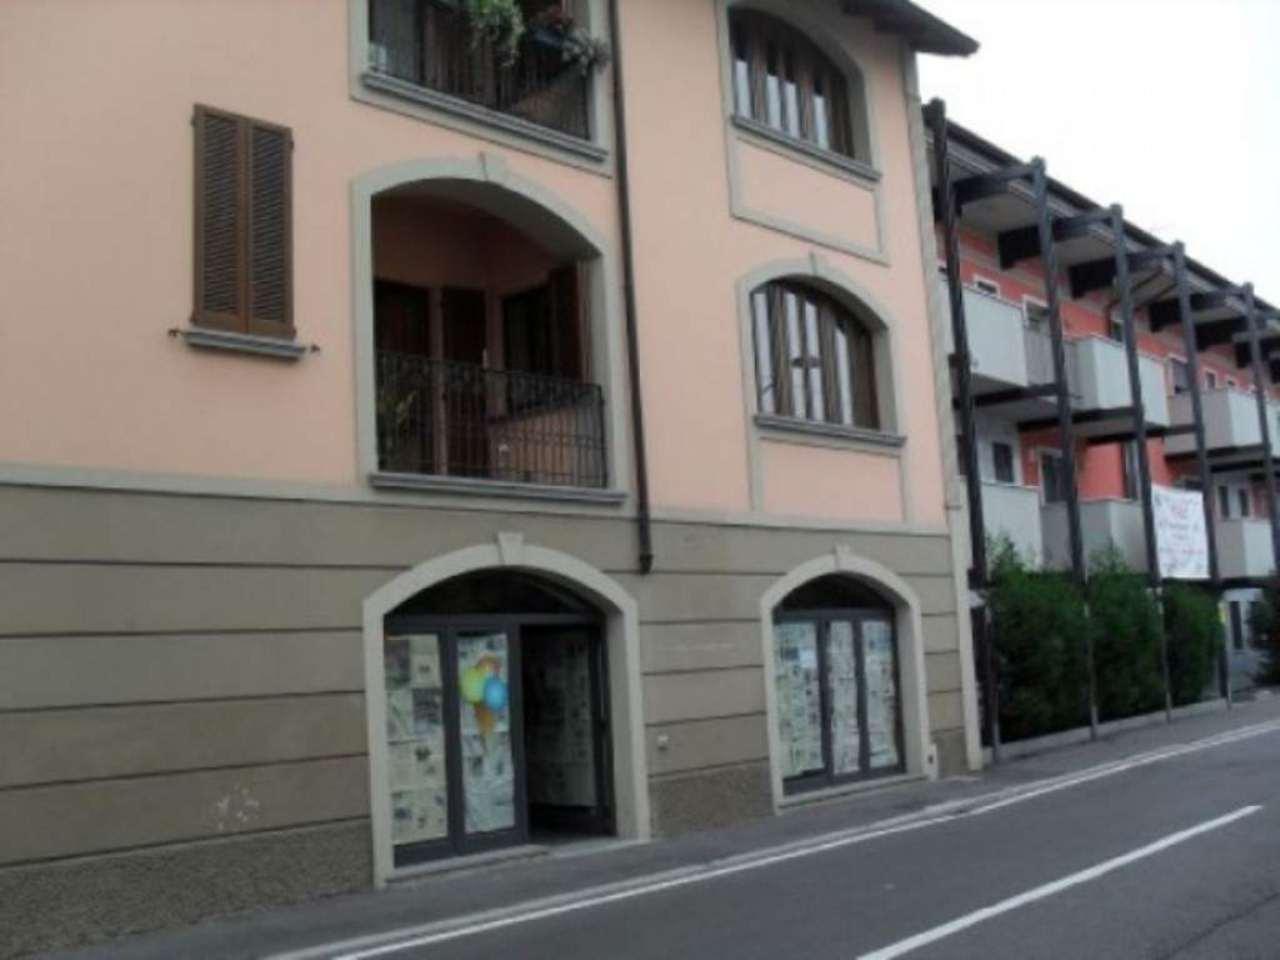 Negozio / Locale in vendita a Treviglio, 6 locali, prezzo € 300.000 | Cambio Casa.it